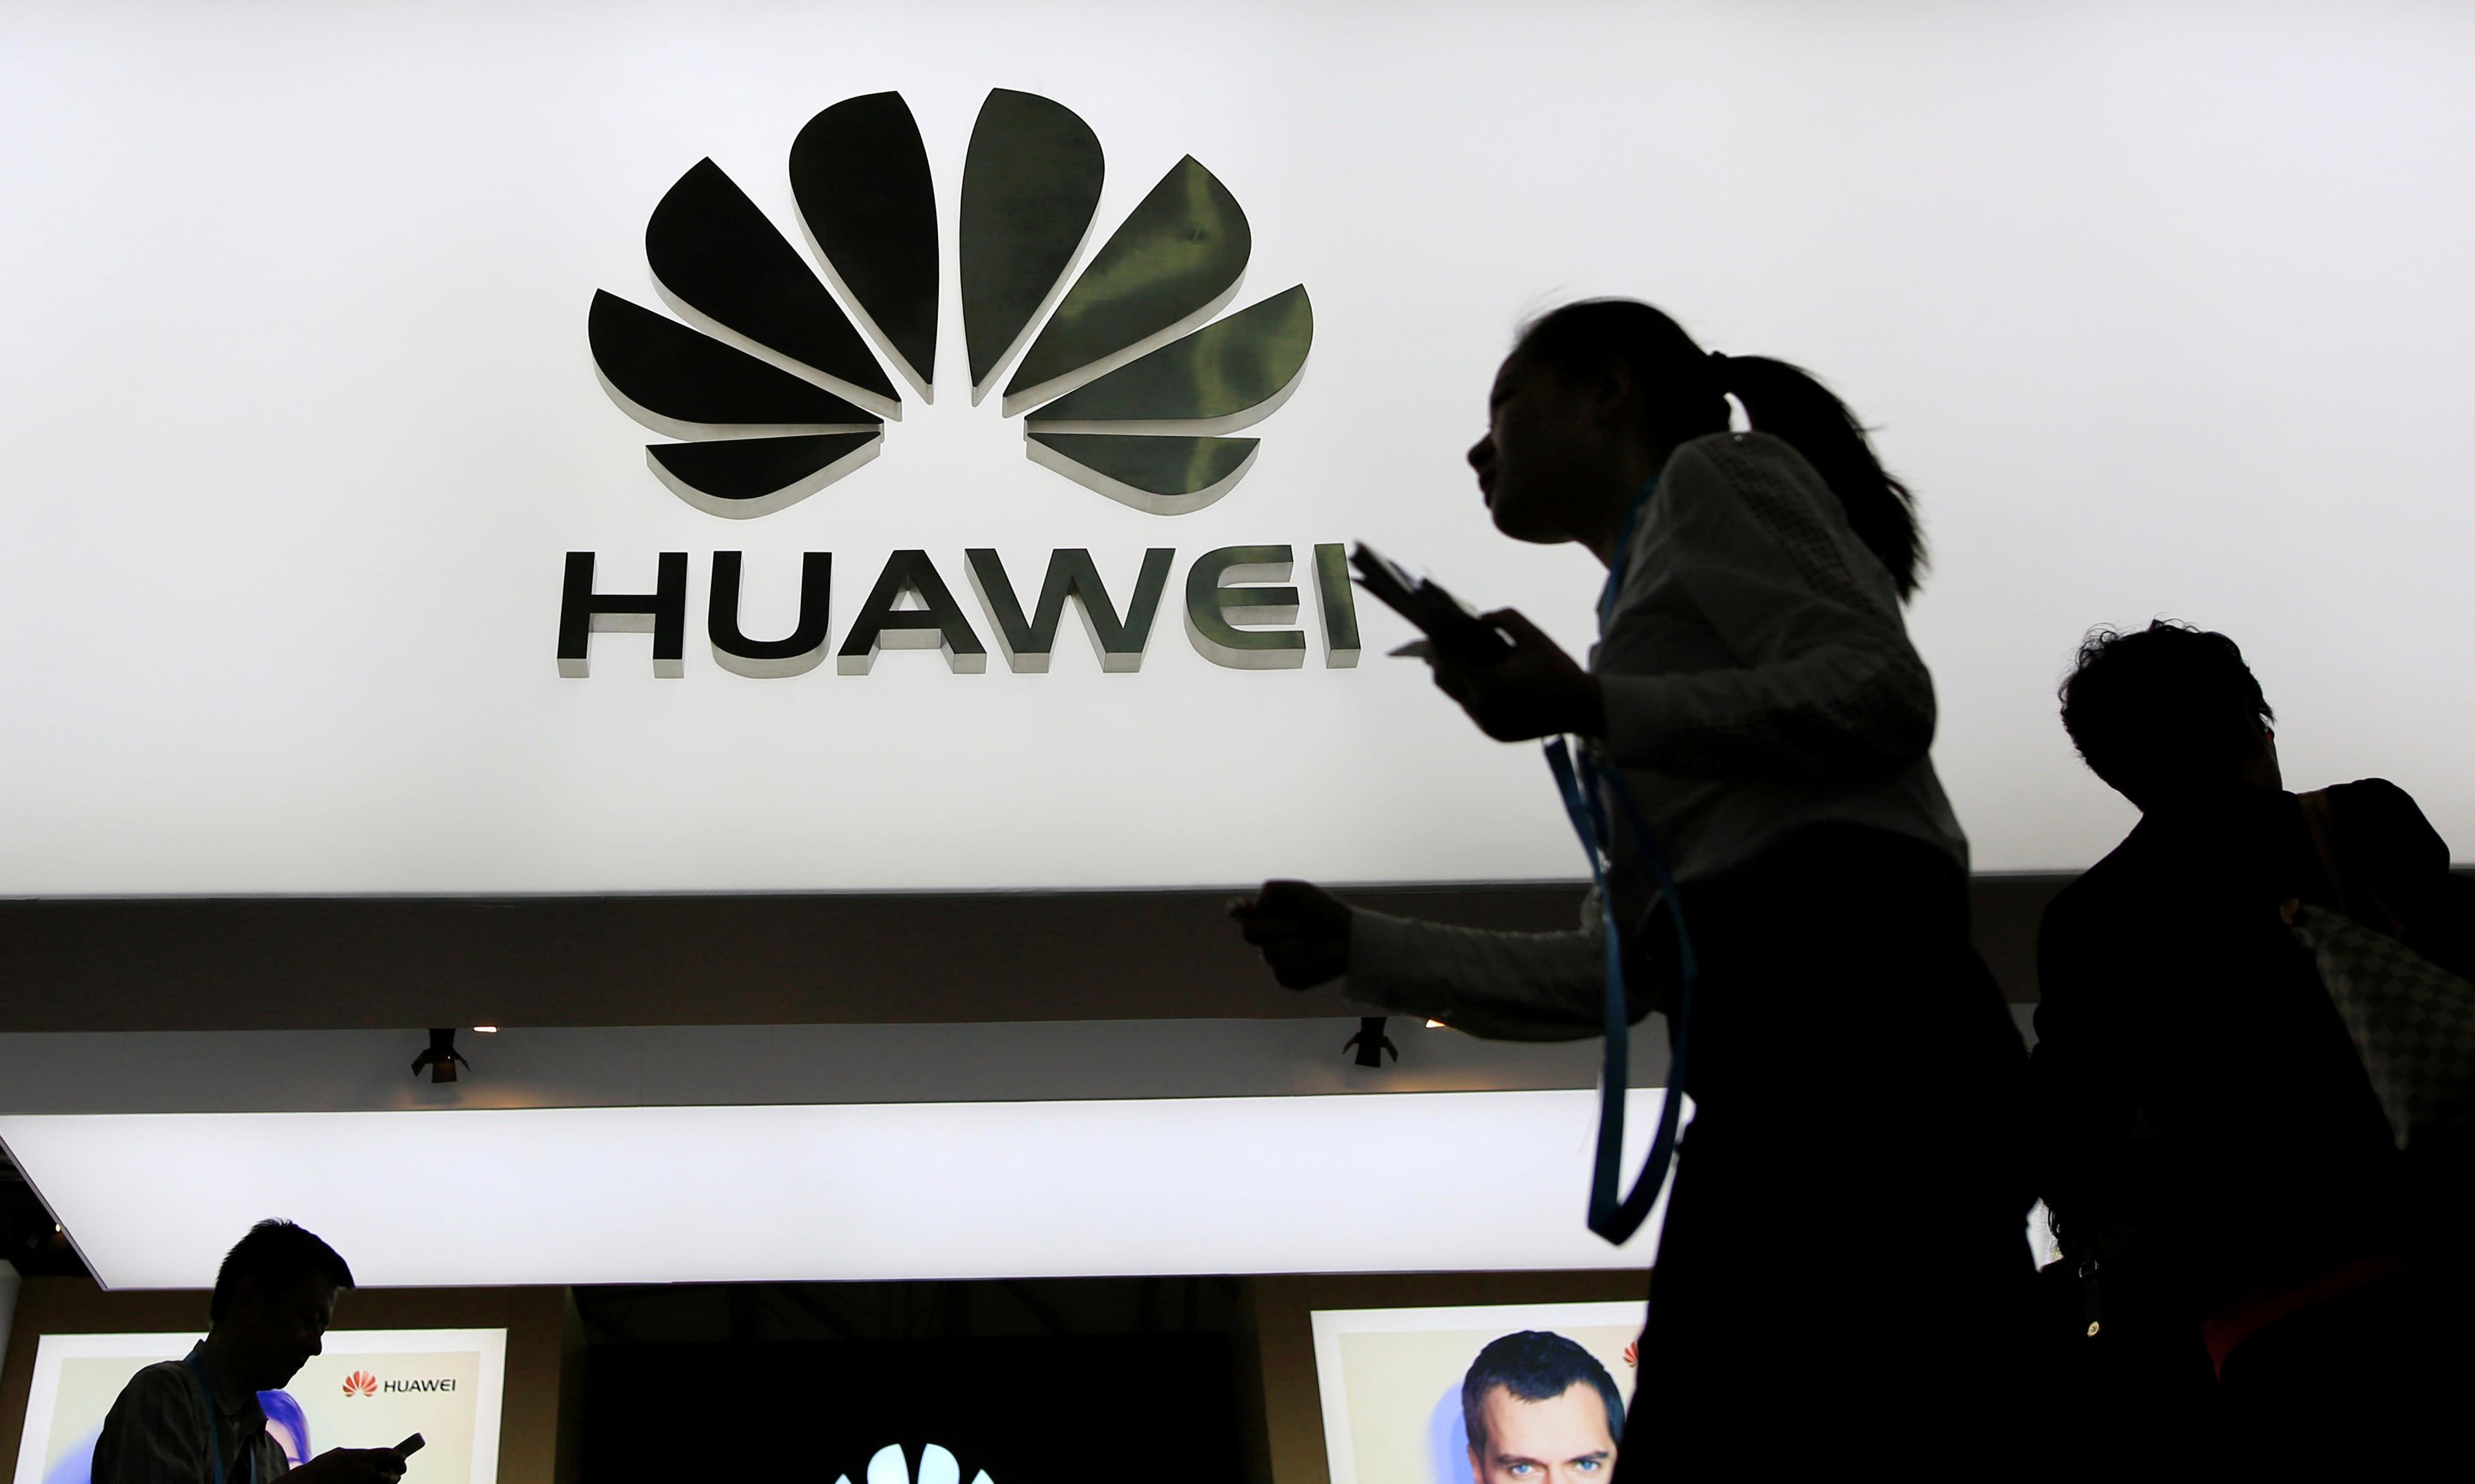 紐西蘭 News: 紐西蘭以國家安全為由禁華為5G 分析:西方國家與中國科技戰展開